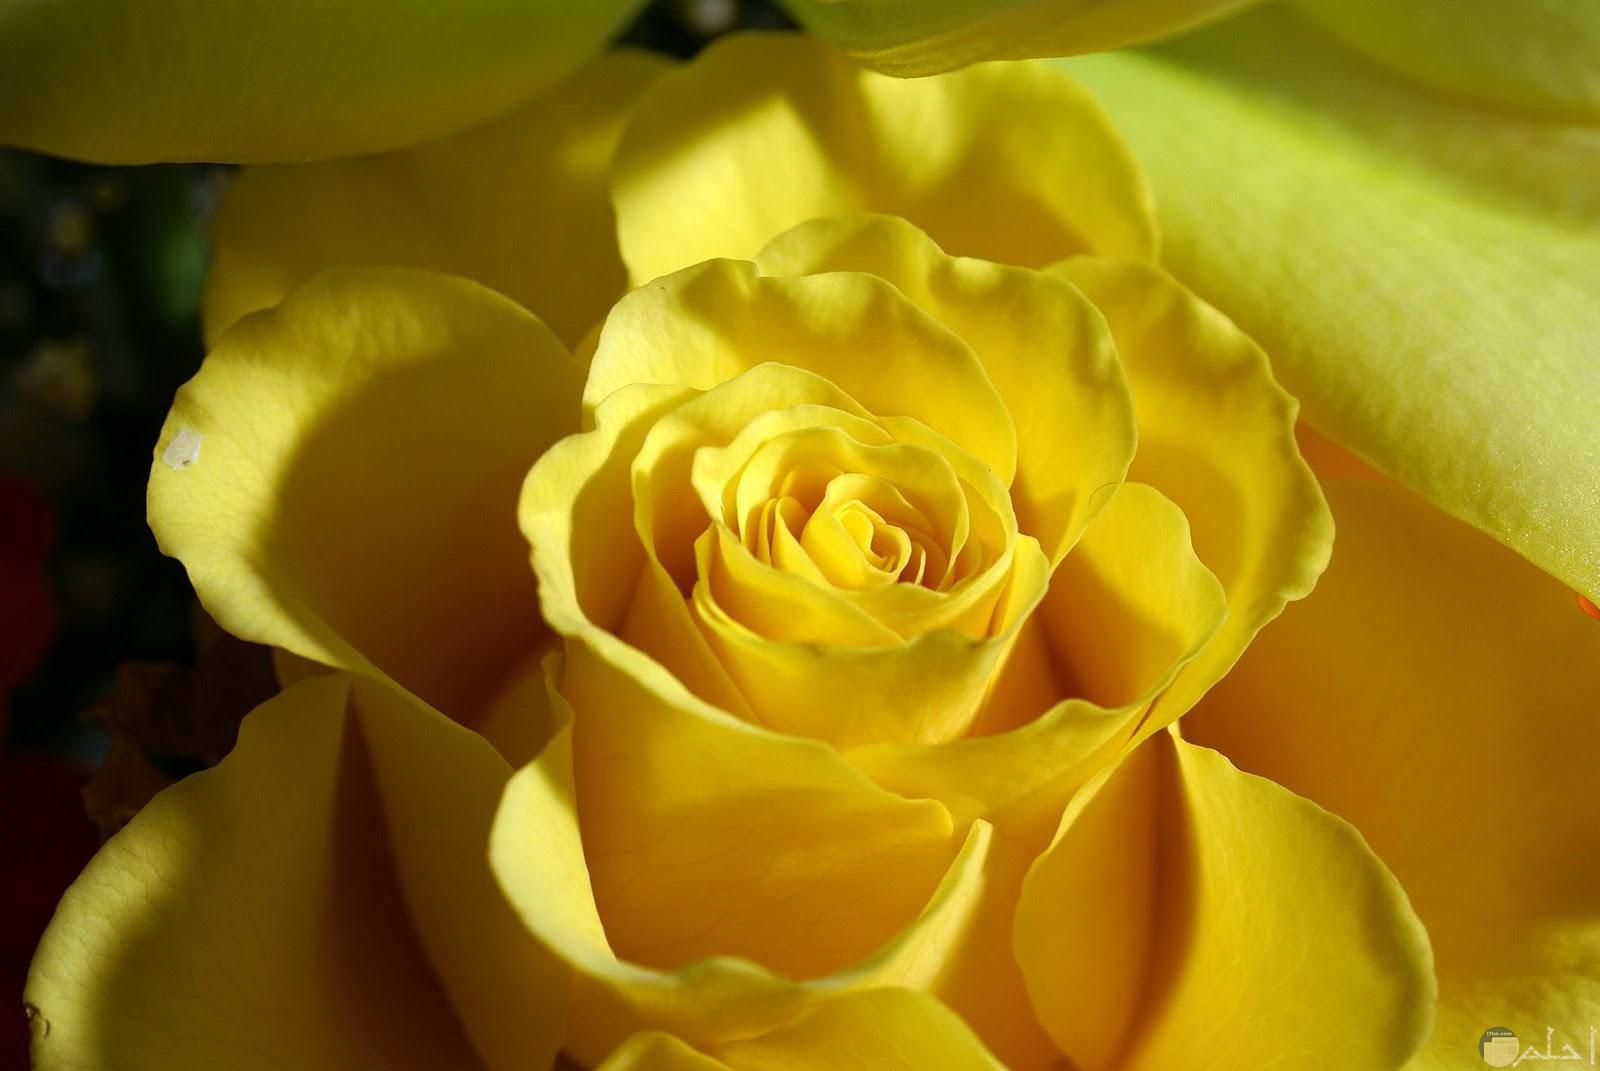 من اروع الورود المفتحة